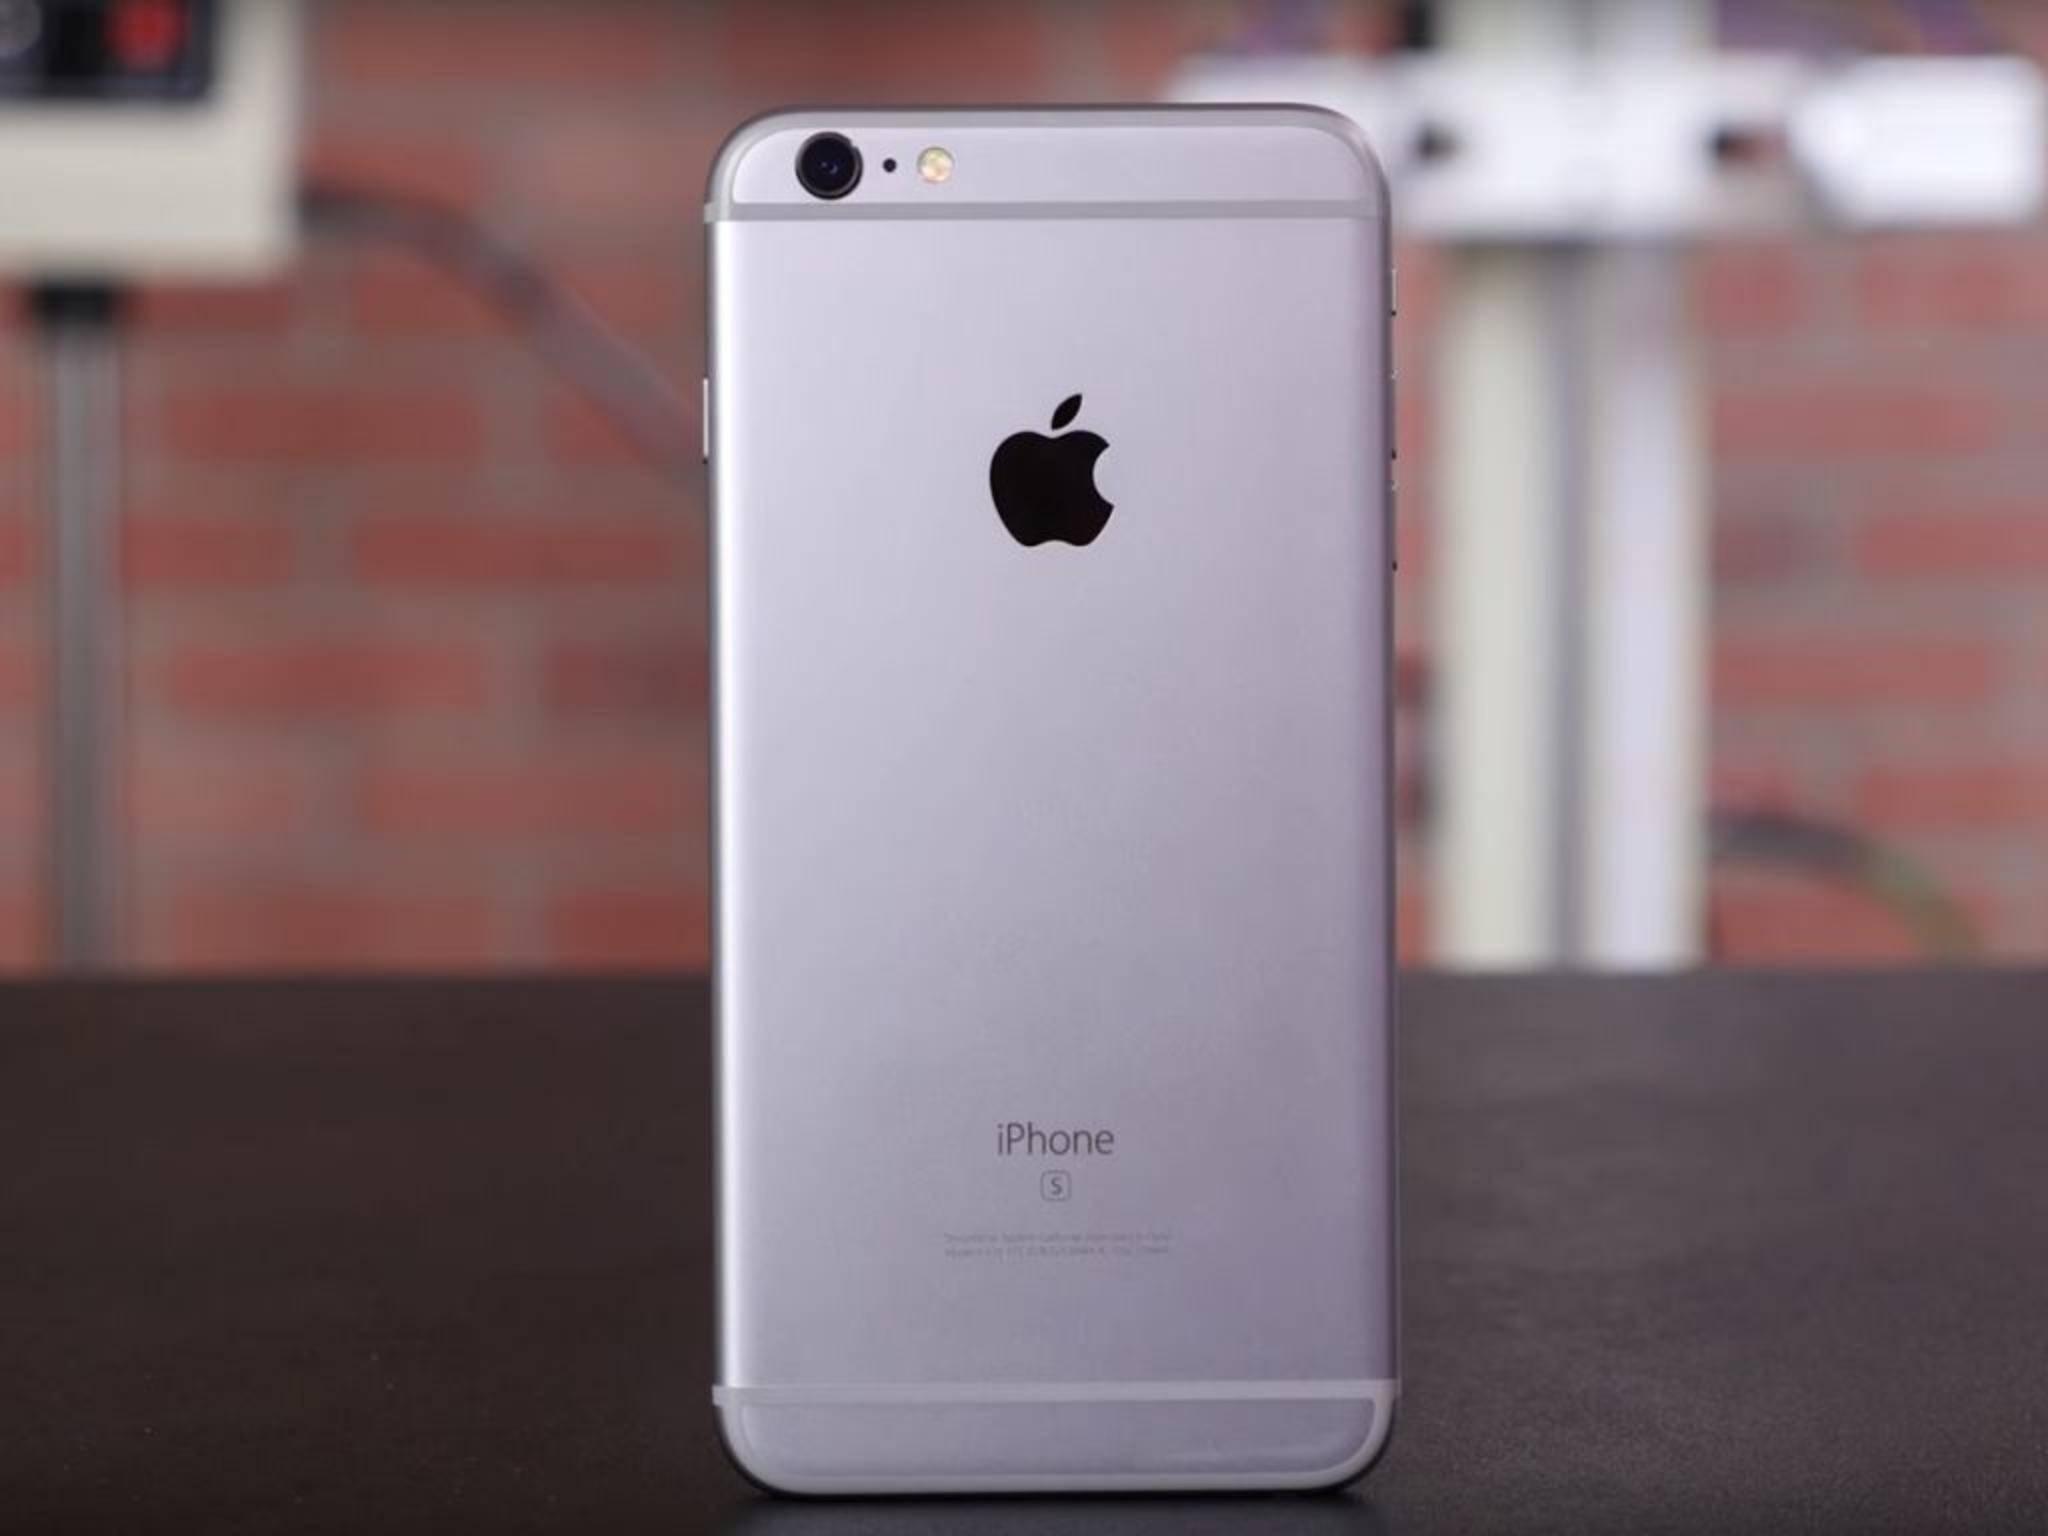 Wie im iPhone 6s soll auch im iPhone 5se der A9-Chip werkeln.